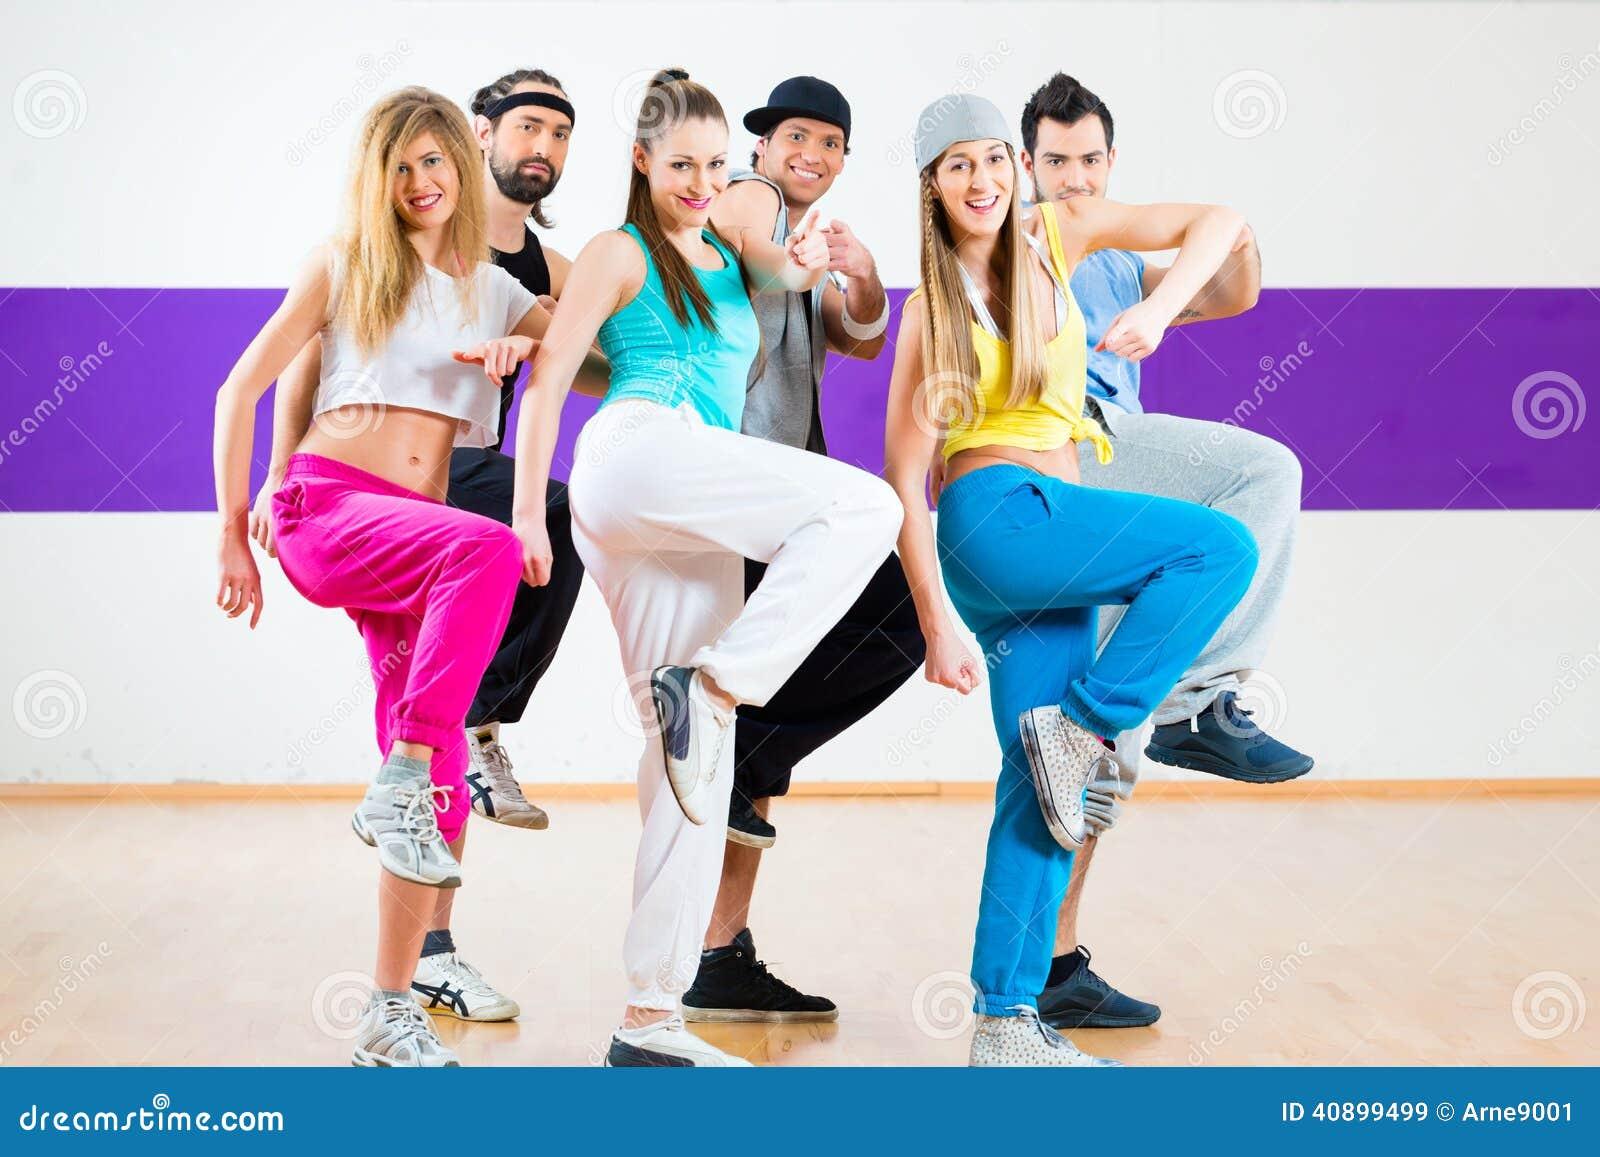 Tänzer am Zumba-Eignungstraining im Tanzstudio